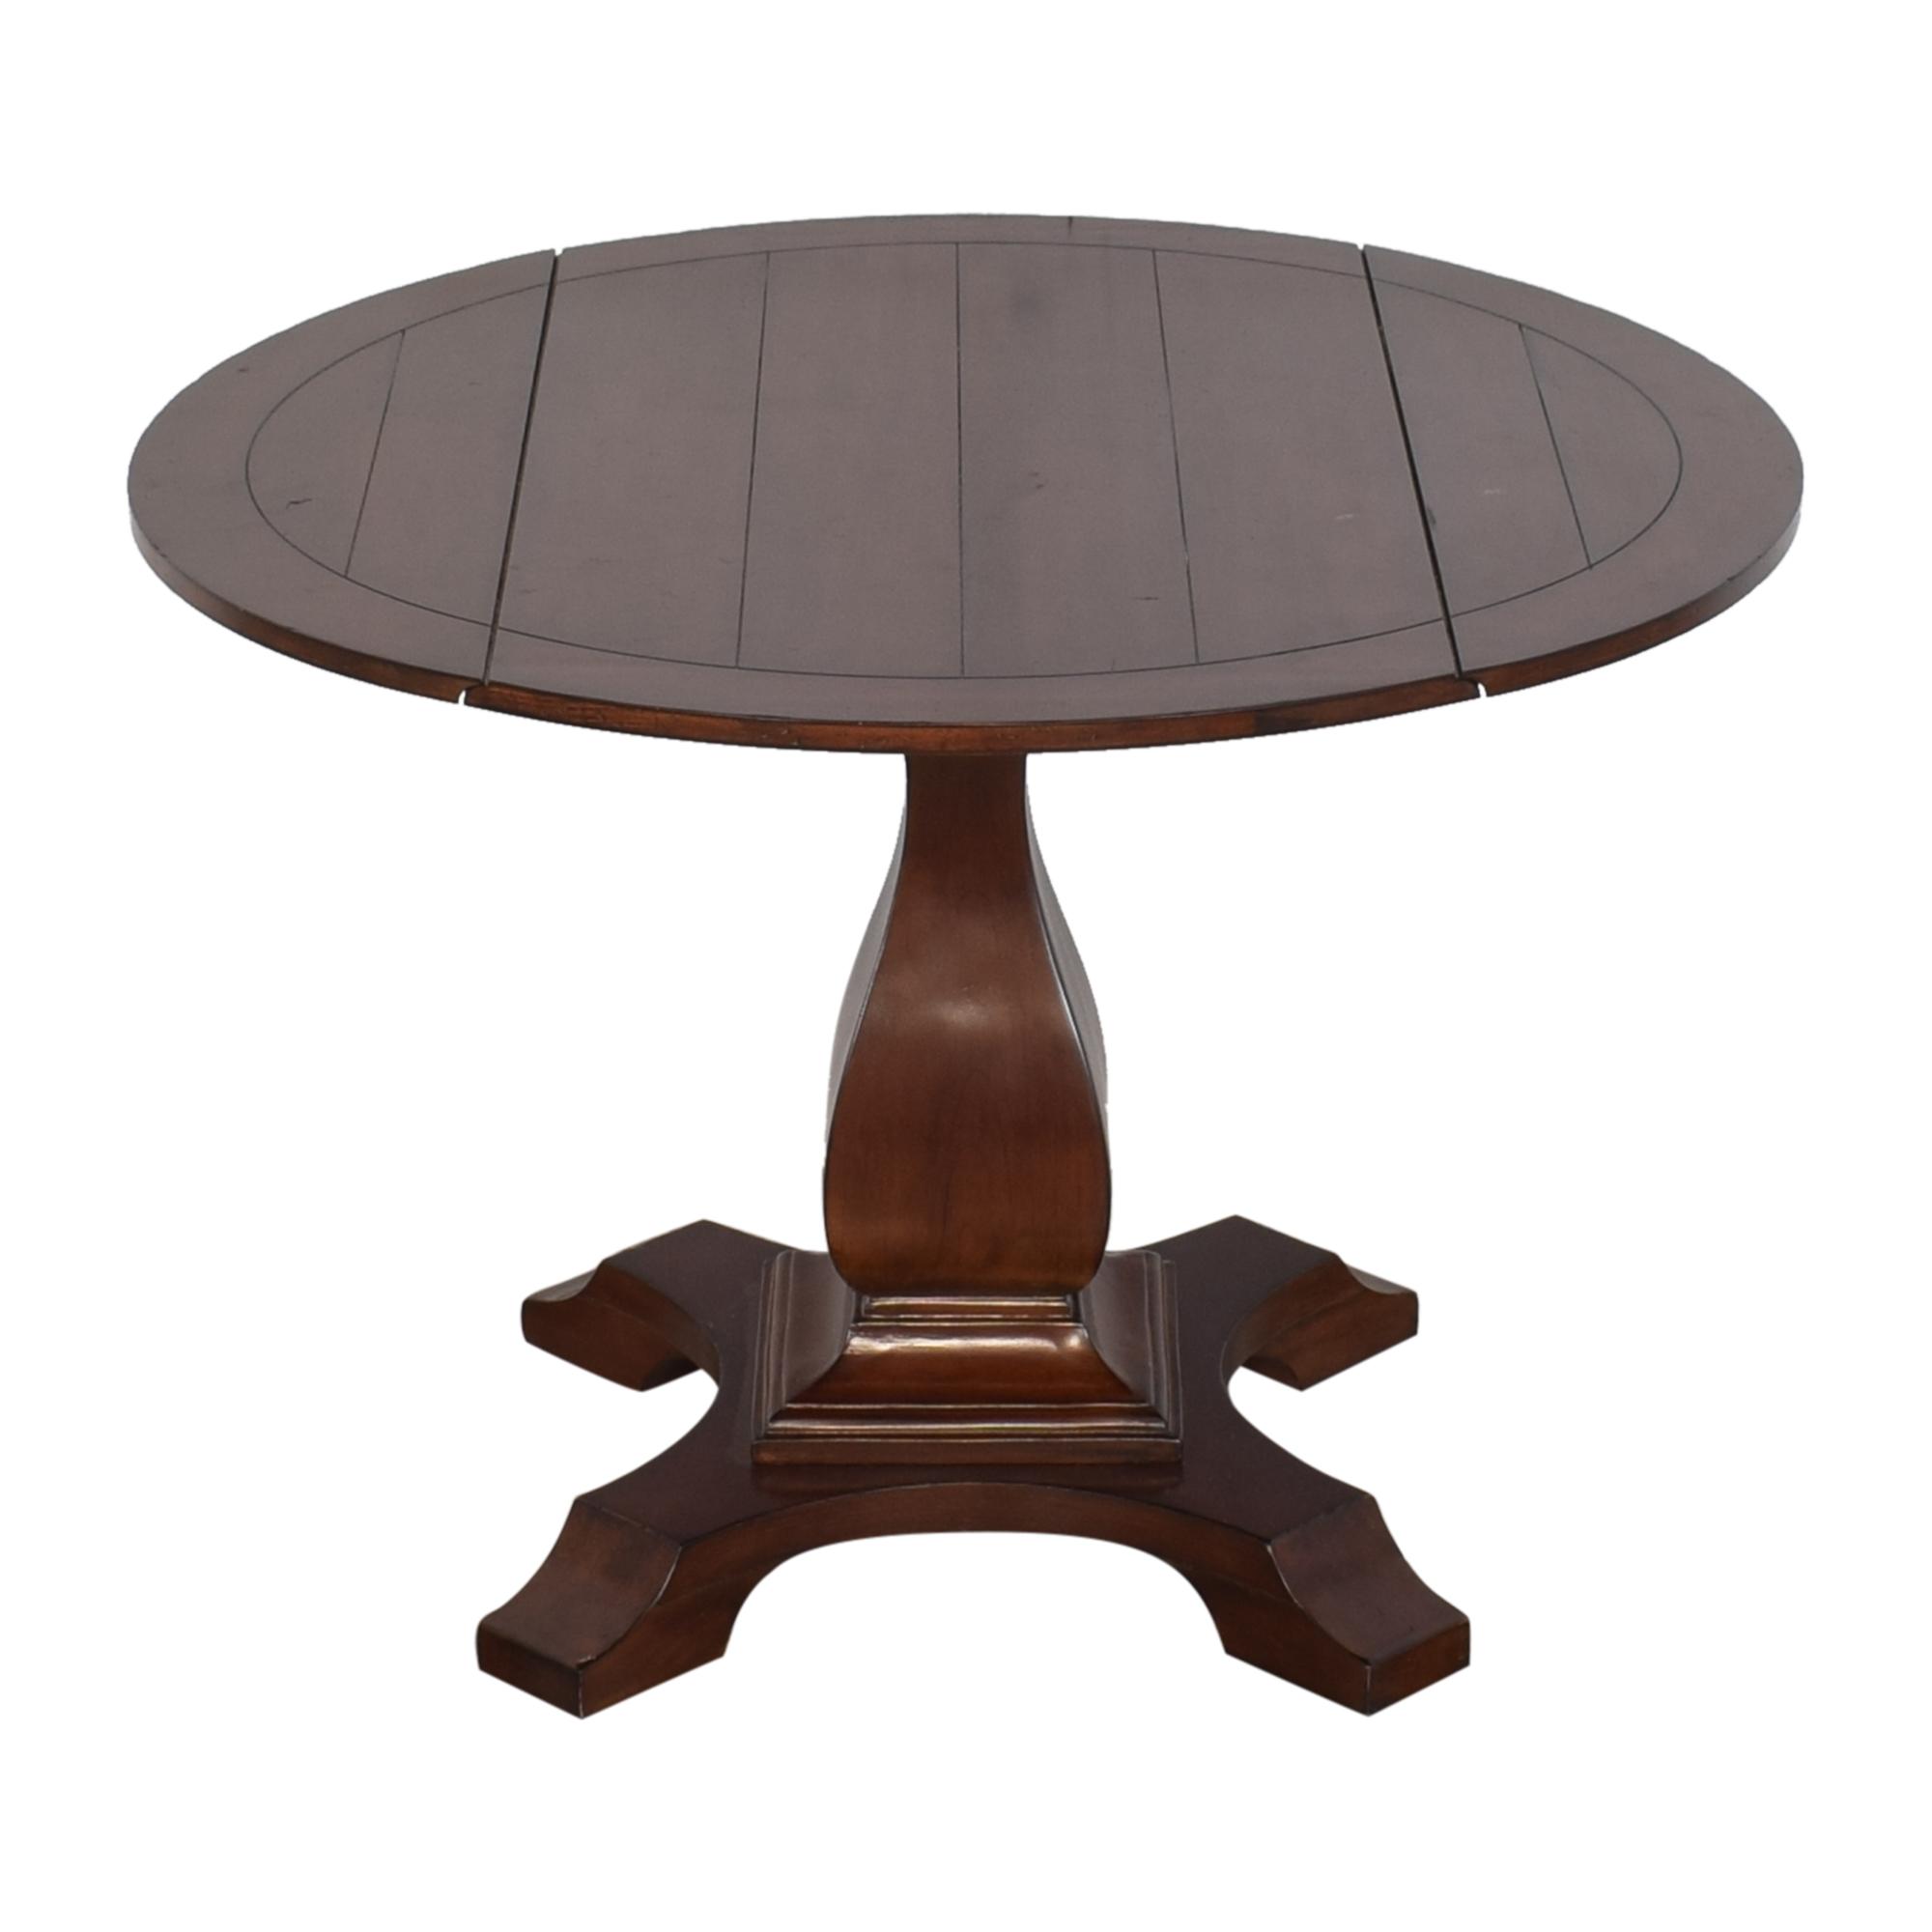 Hooker Furniture Hooker Furniture Waverly Drop Leaf Table second hand